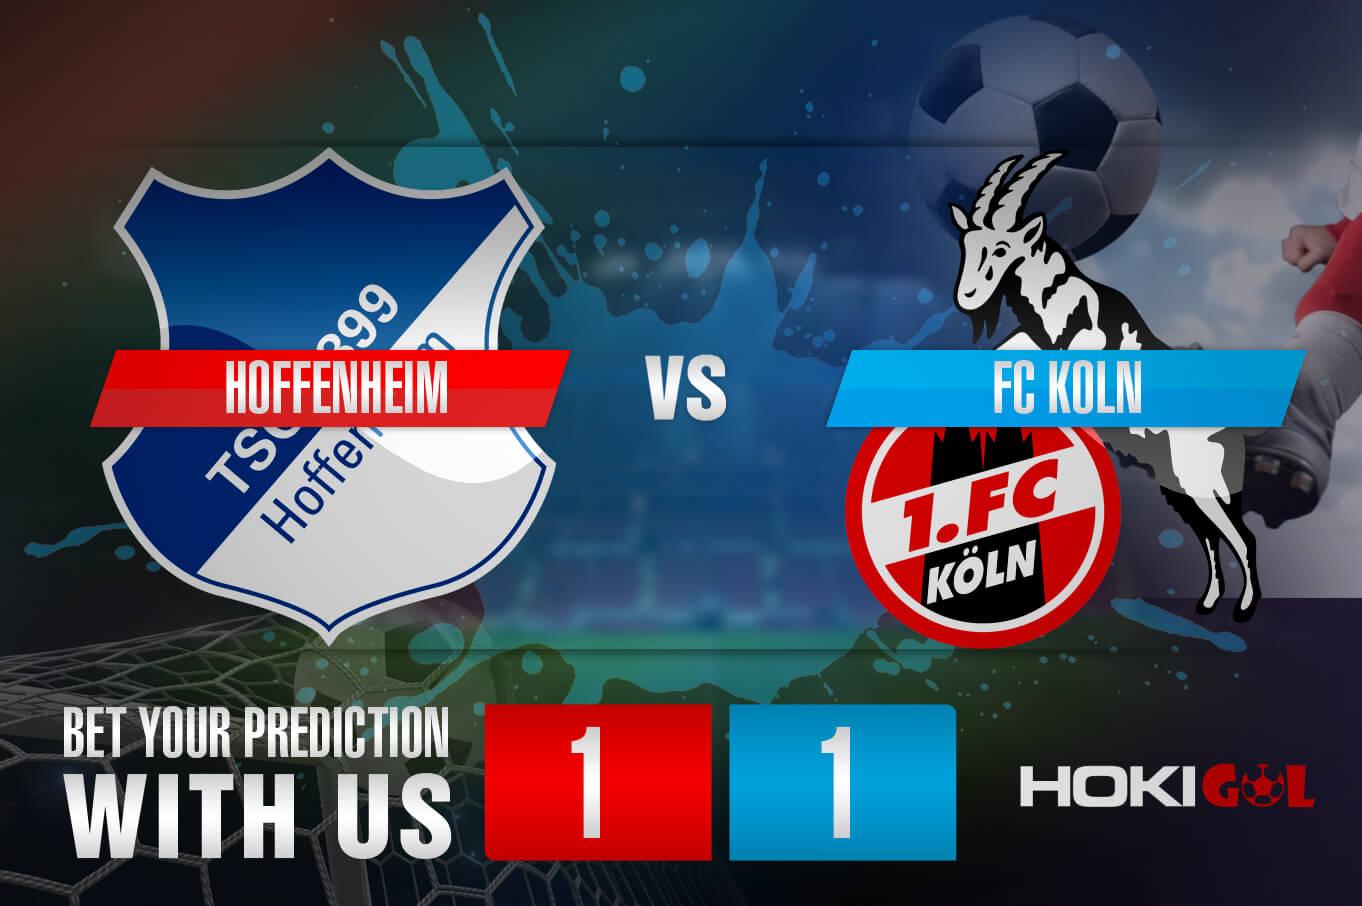 Prediksi Bola Hoffenheim Vs FC Koln 16 Oktober 2021